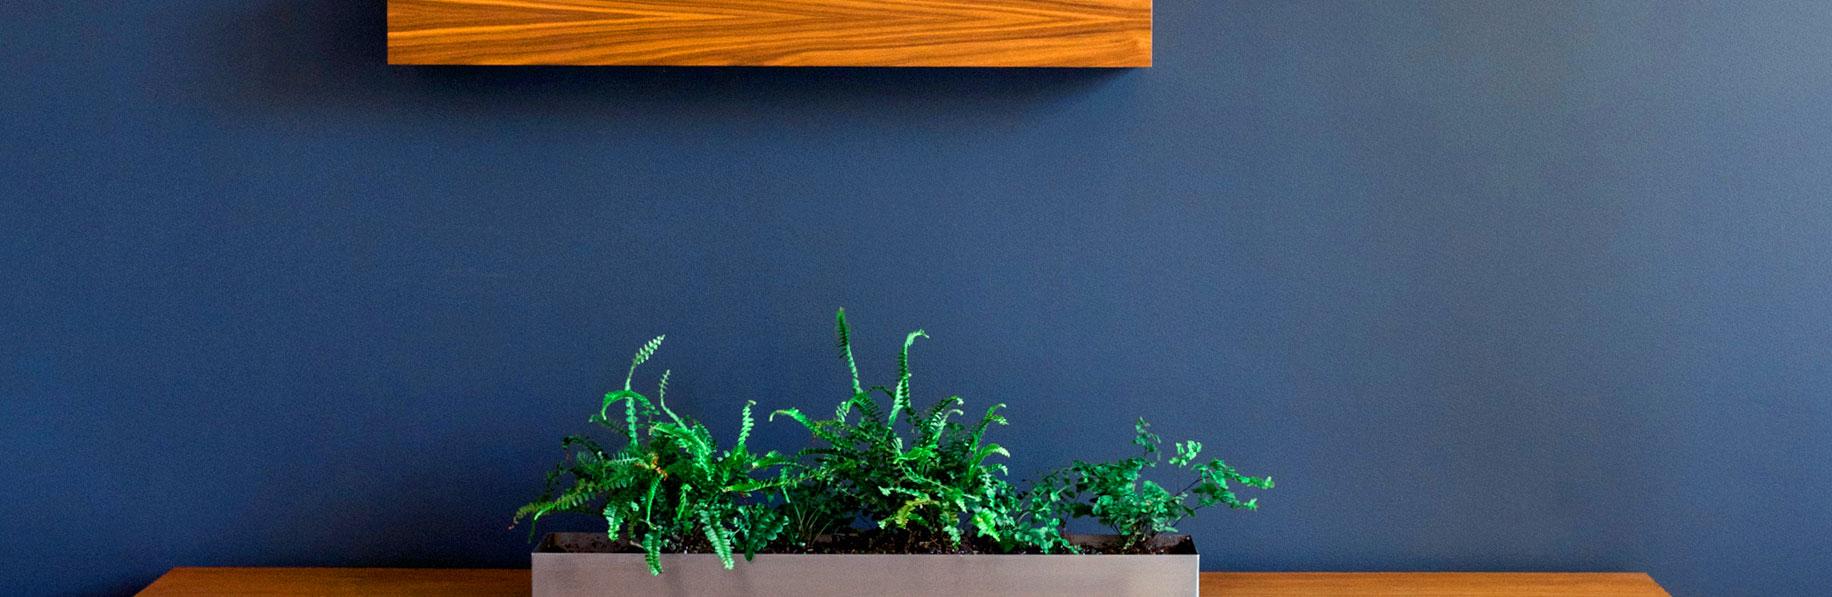 Genial combinación de azul oscuro y madera